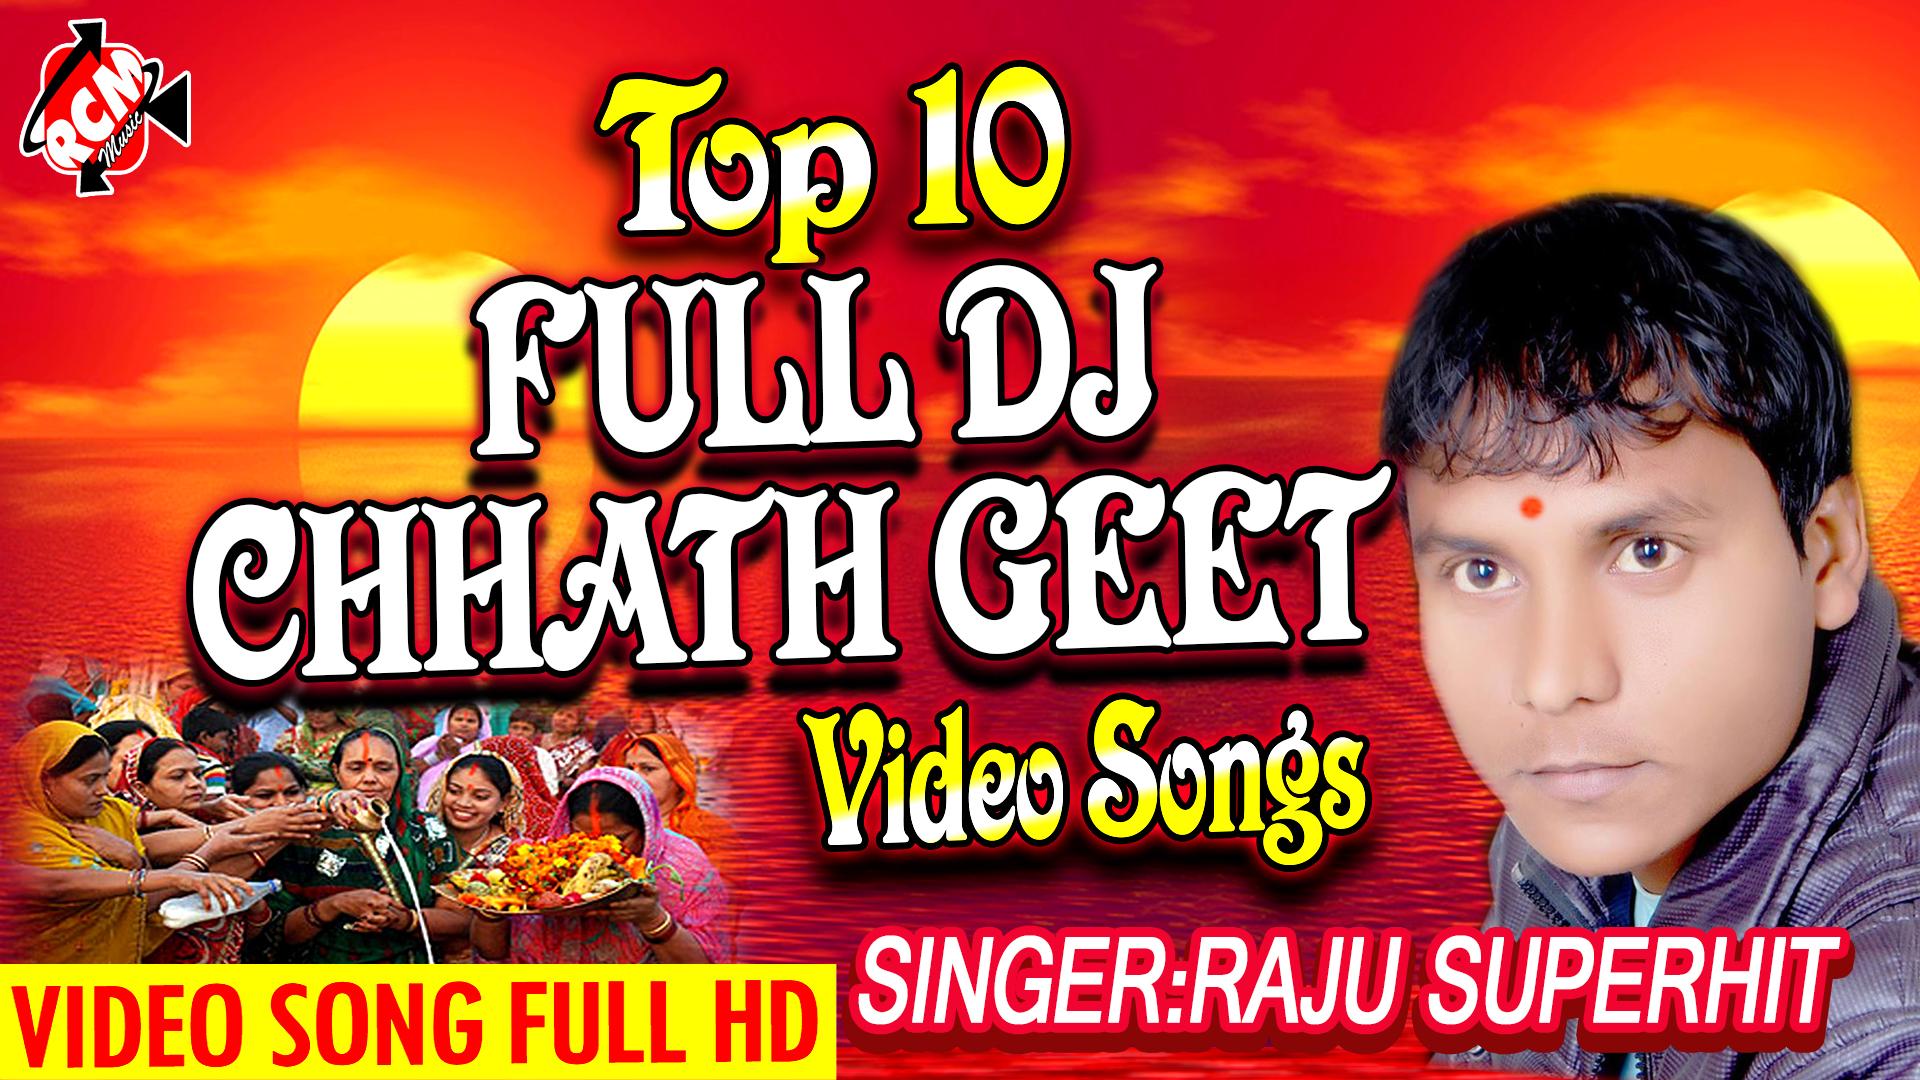 राजू सुपरहिट का फुल डीजे वायरल टॉप 10 छठ गीत वीडियो 2017